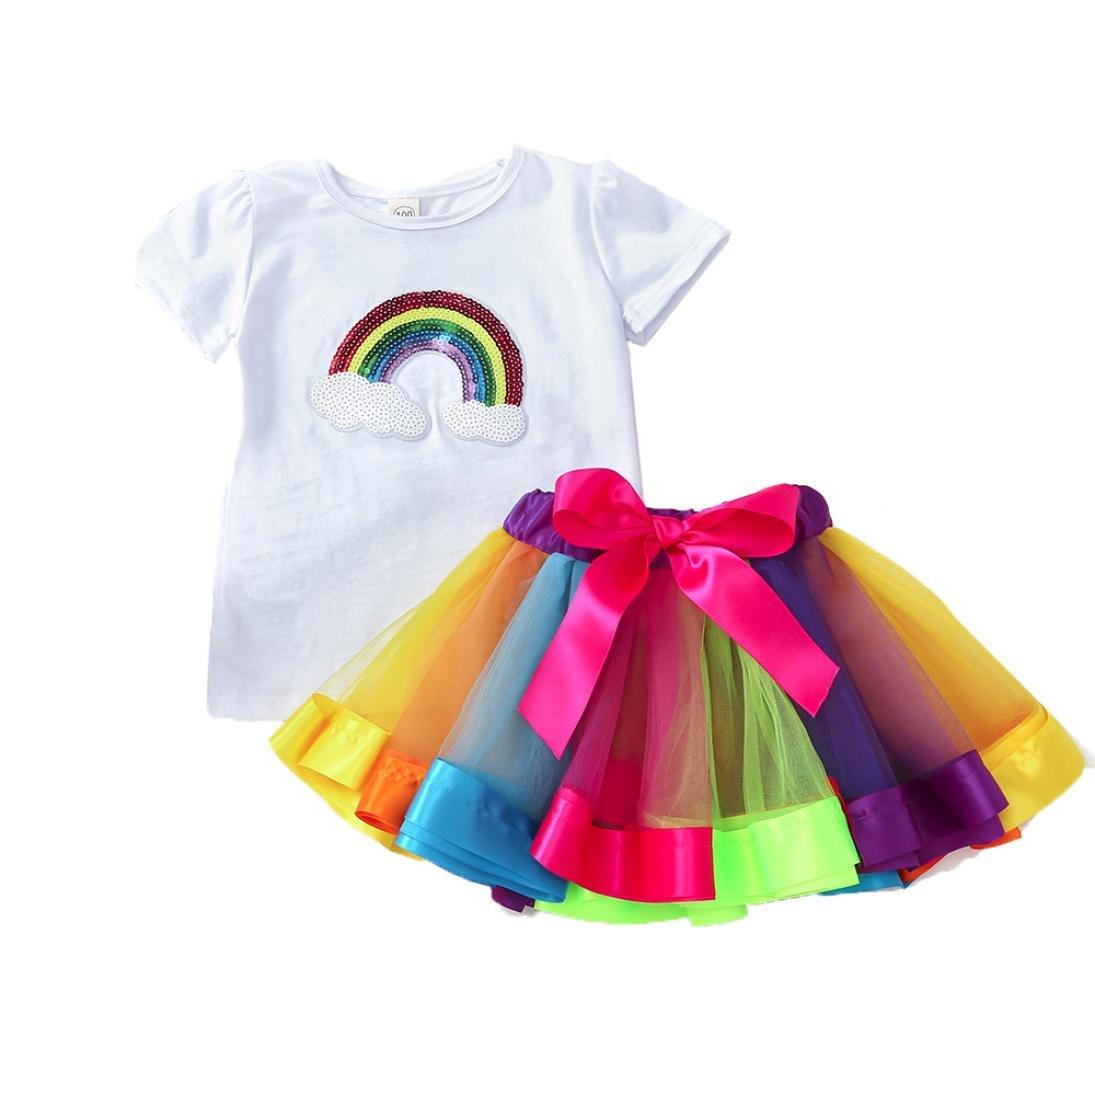 Solike Mädchen Regenbogen Kostüm Set, 2 in 1 80er Mädchen Regenbogen Set Sommerkleid - Regenbogen Ballet Tutu und Tops